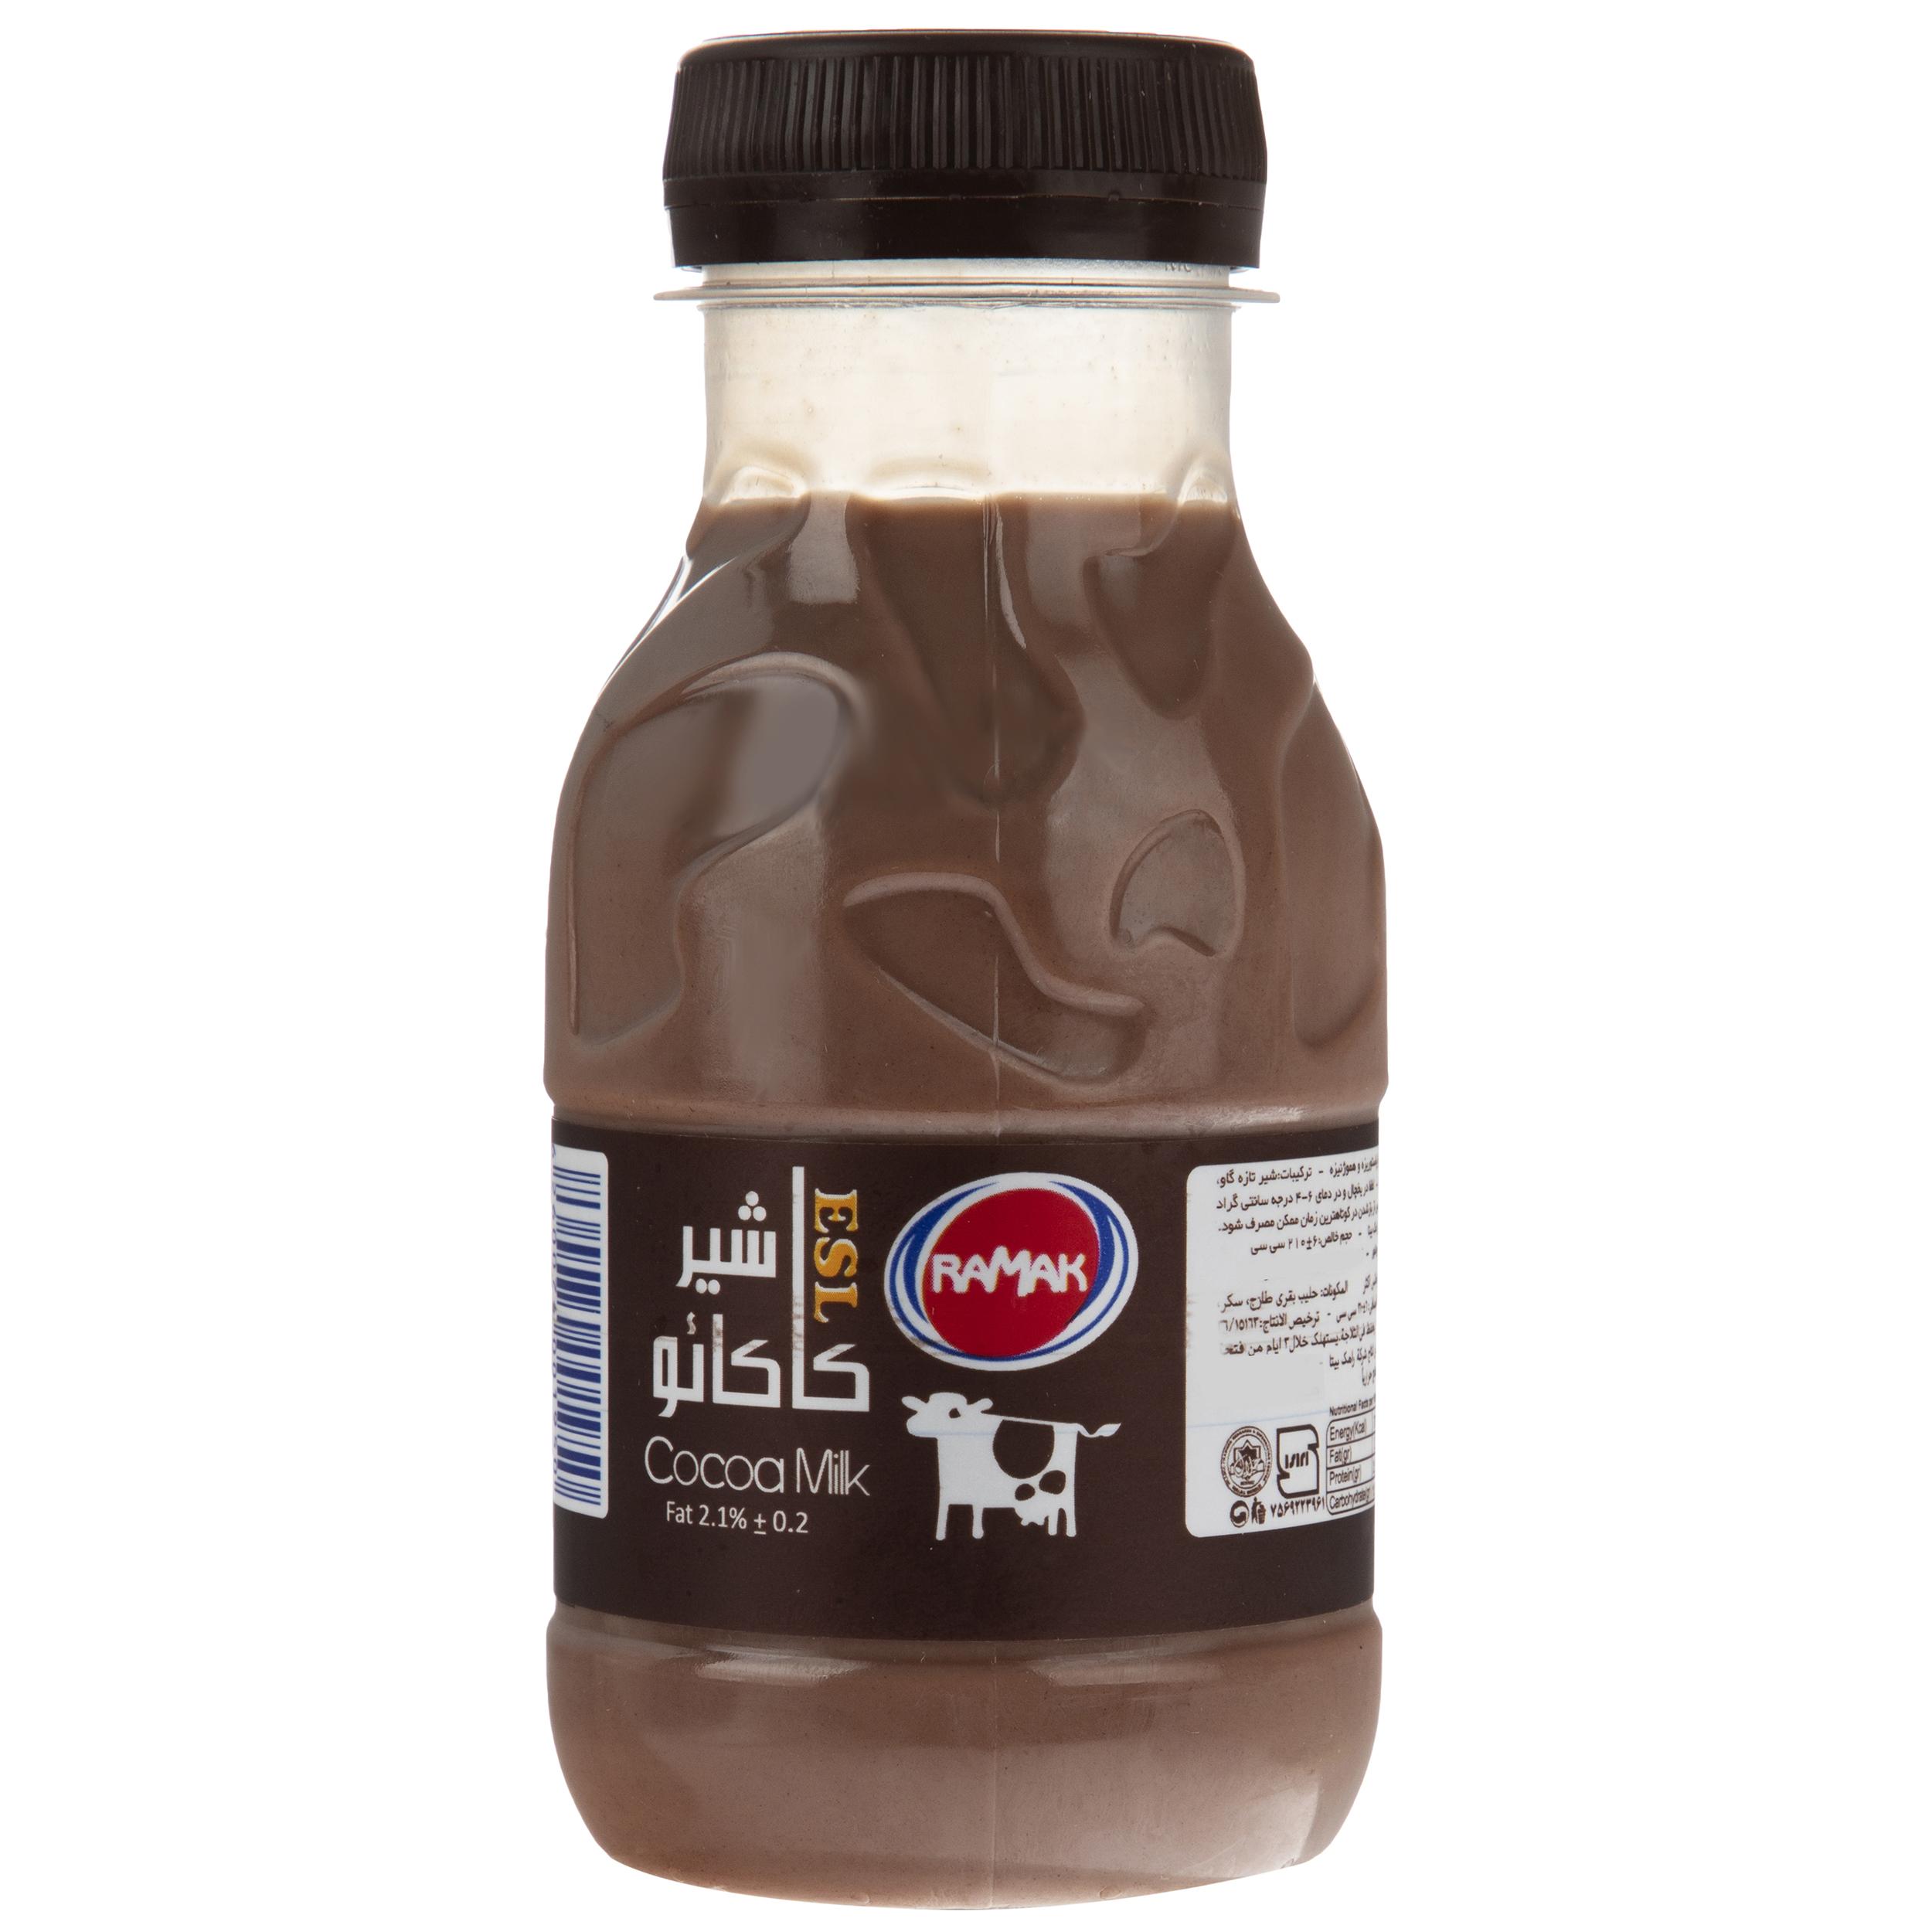 شیر کاکائو رامک حجم 210 میلی لیتر